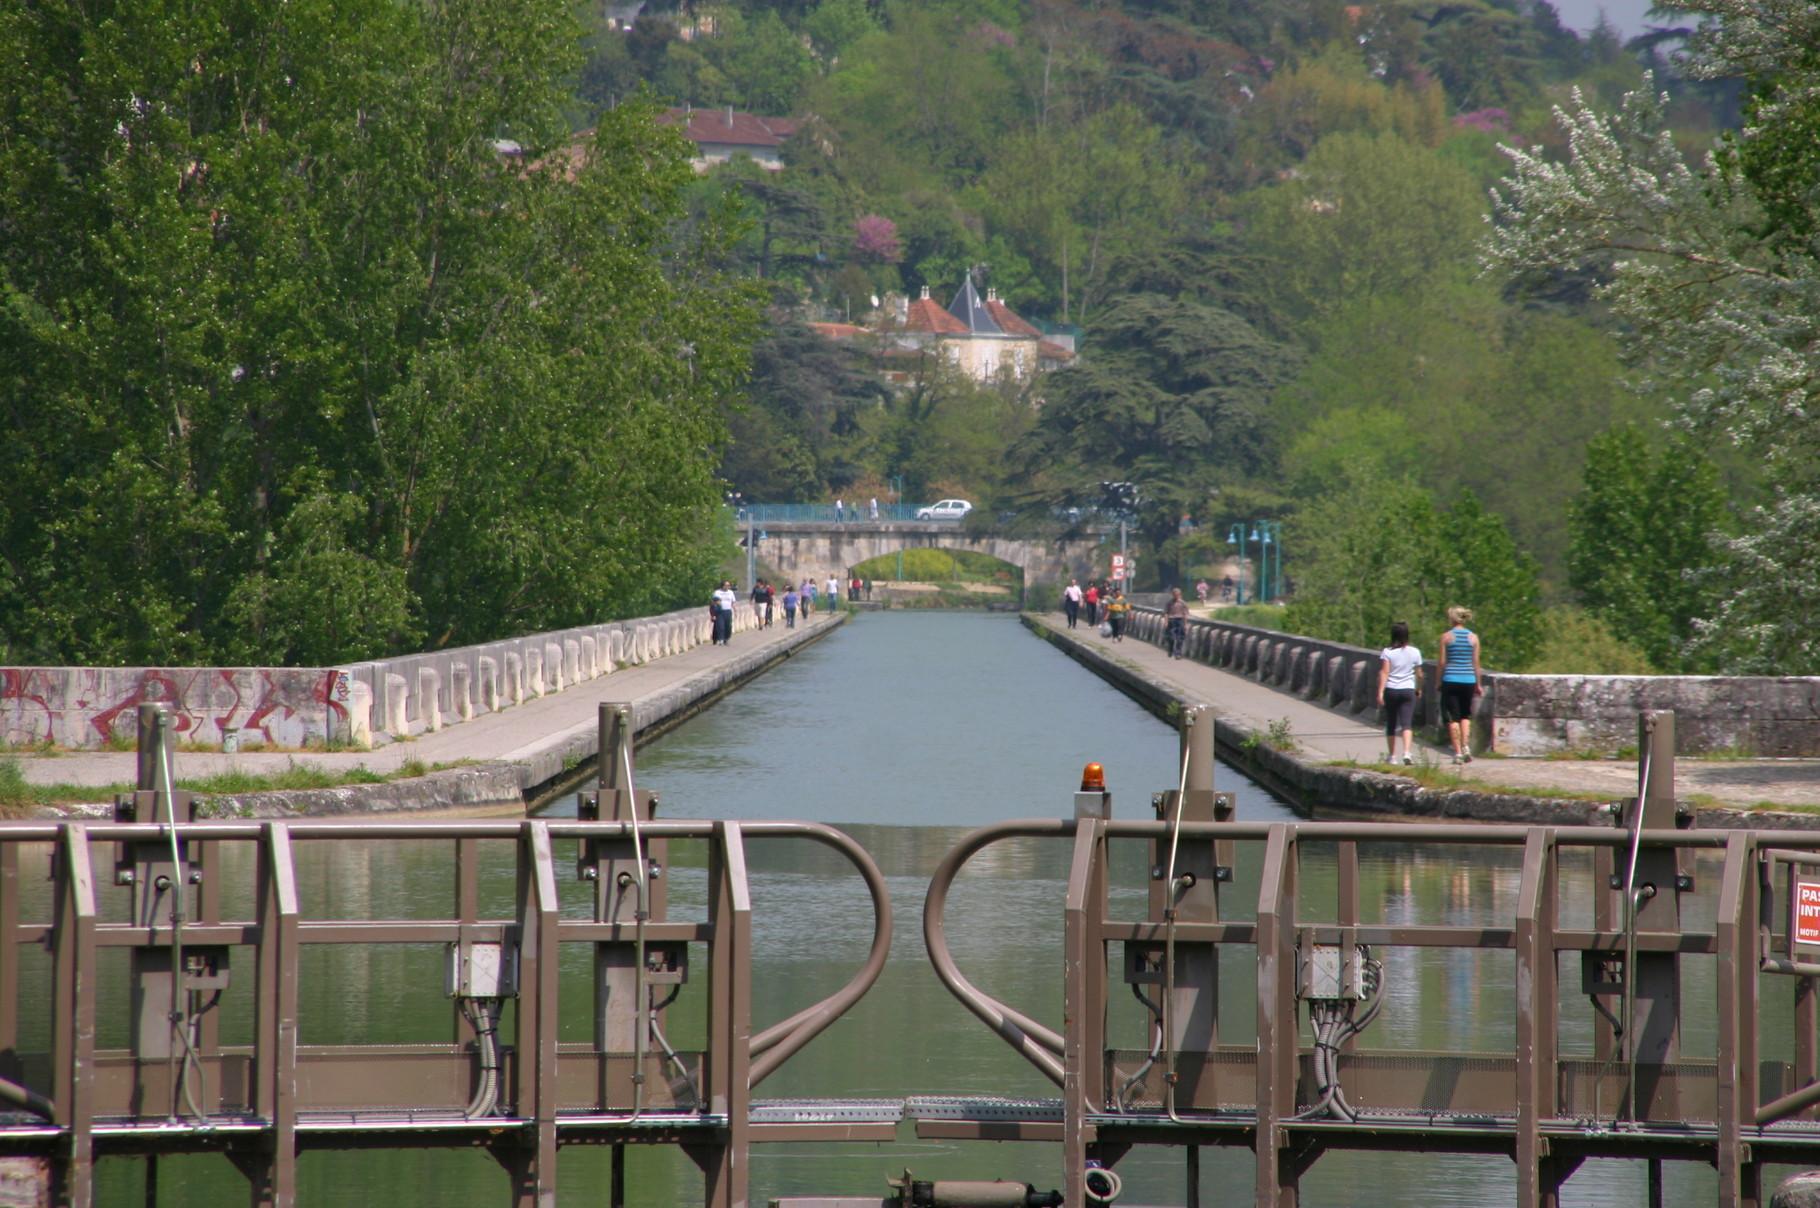 Pont canal d'Agen. (Dept 47)